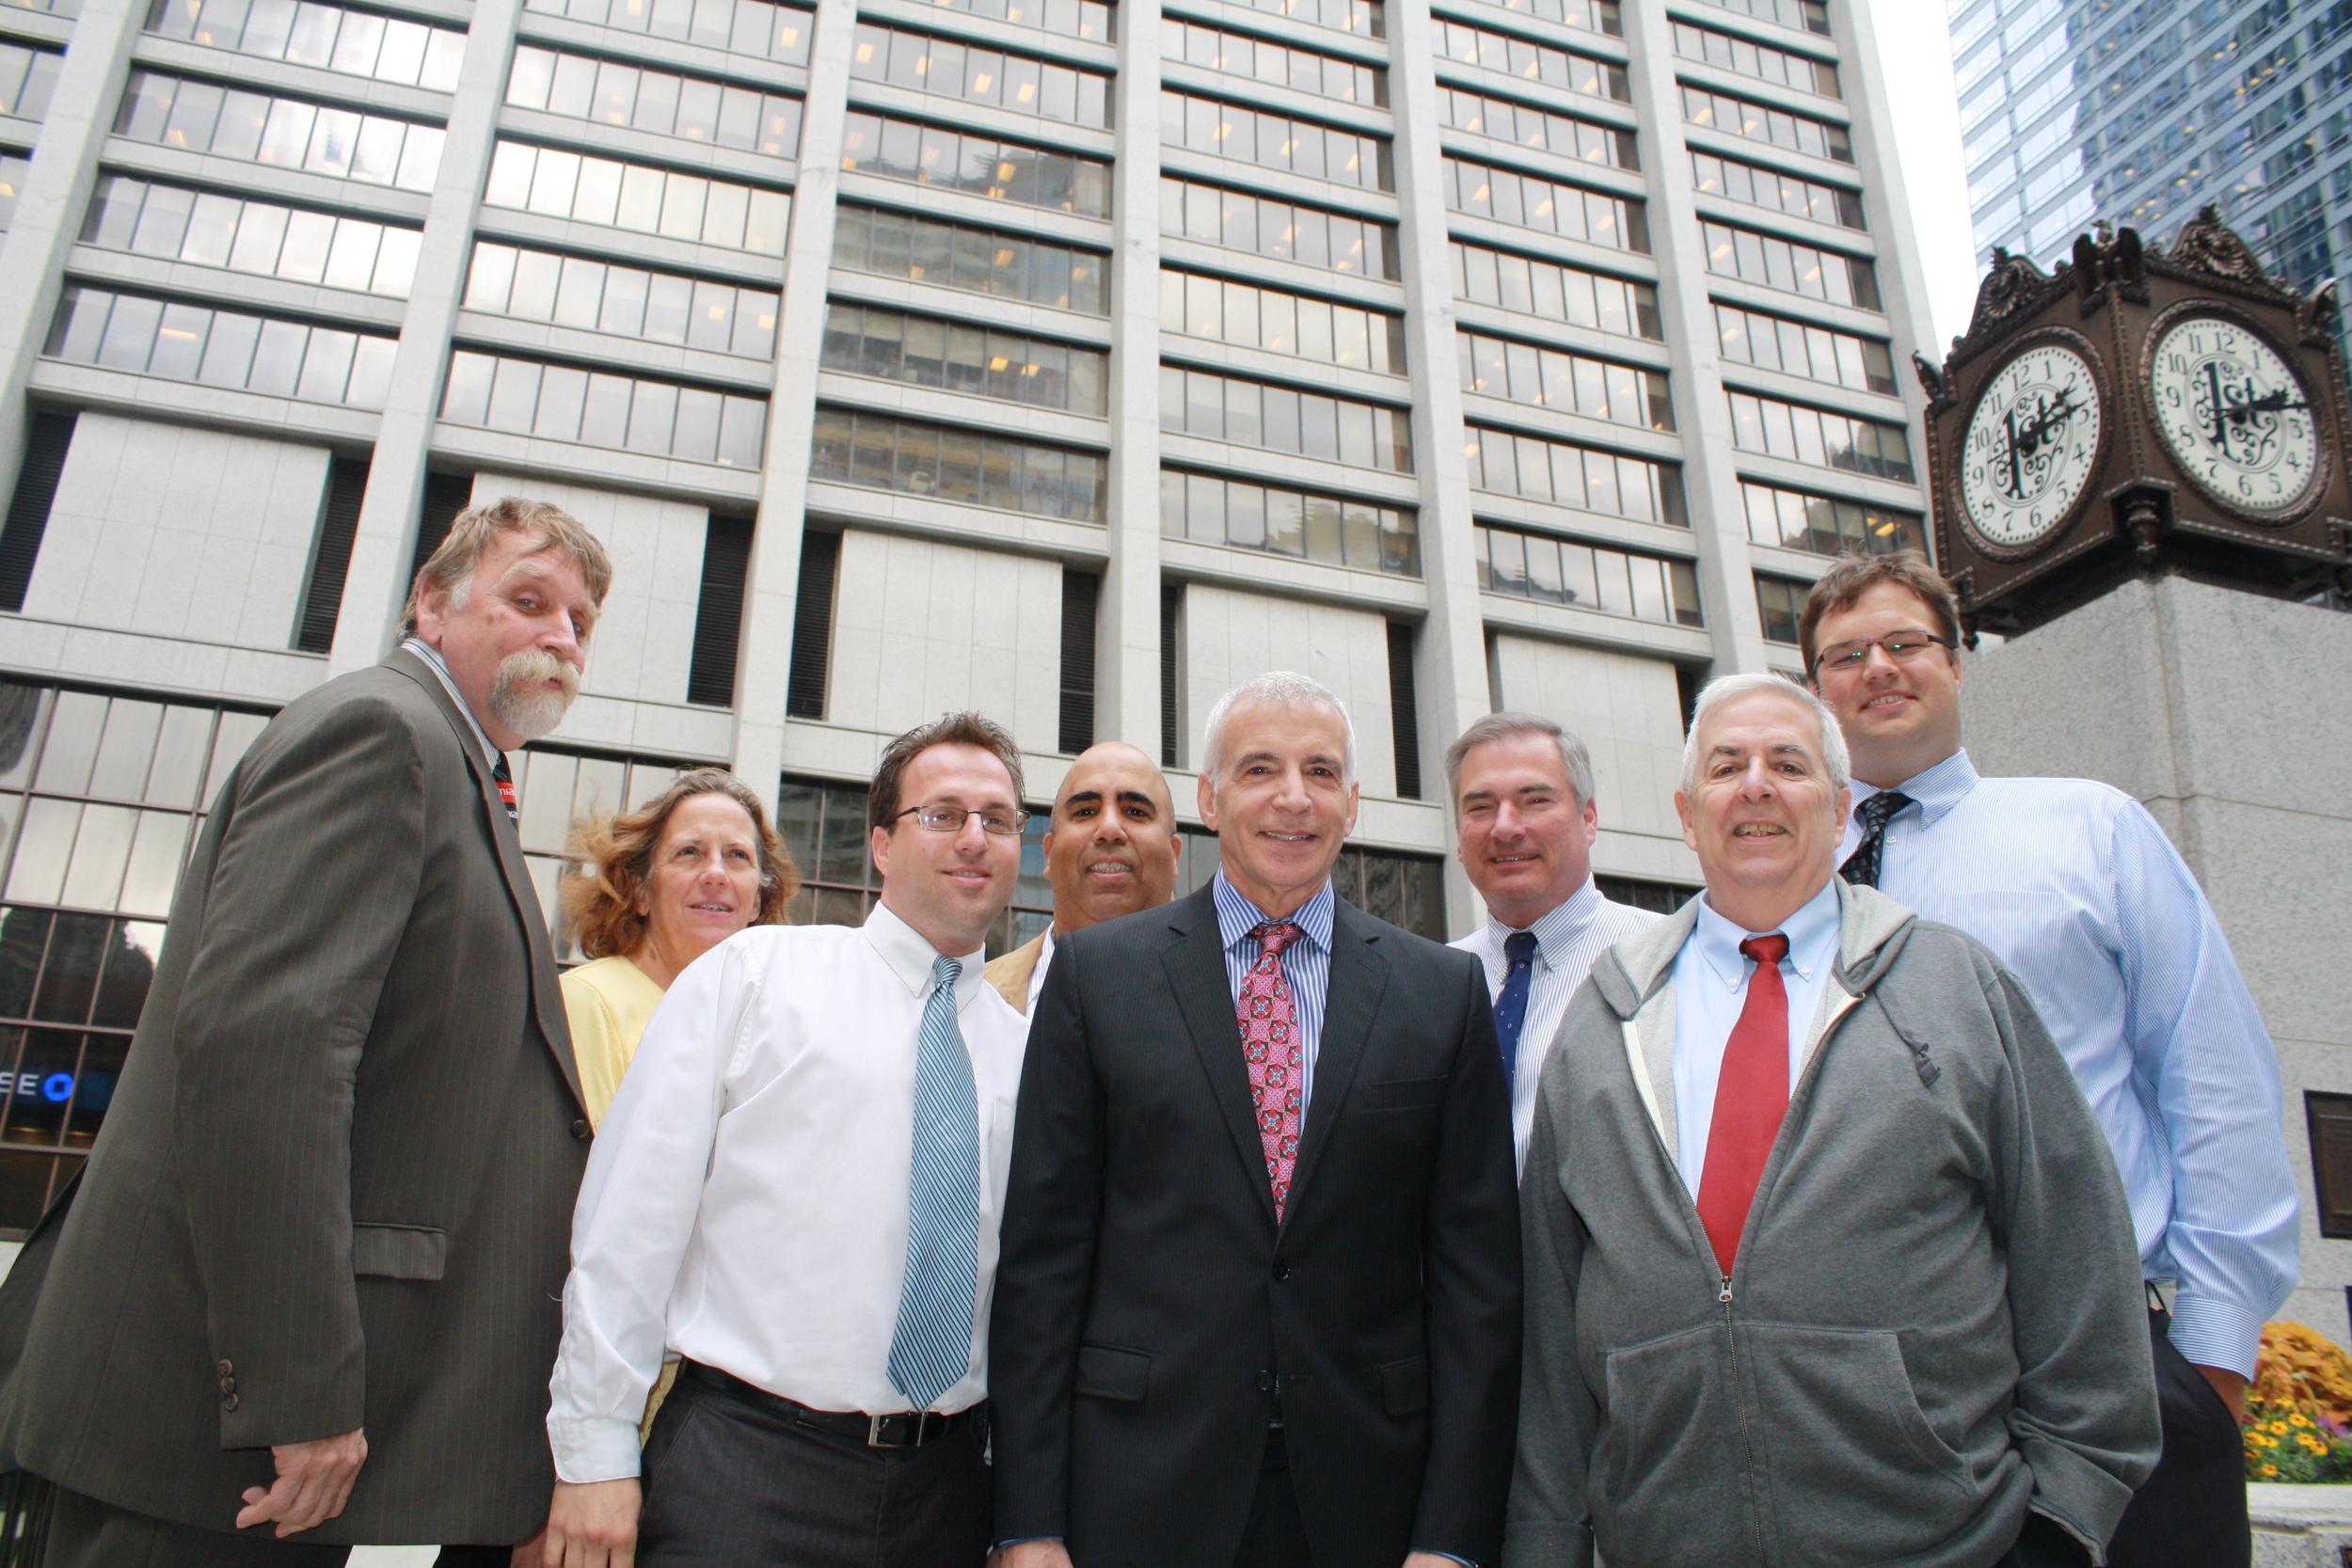 corcoran sales team 2013.JPG